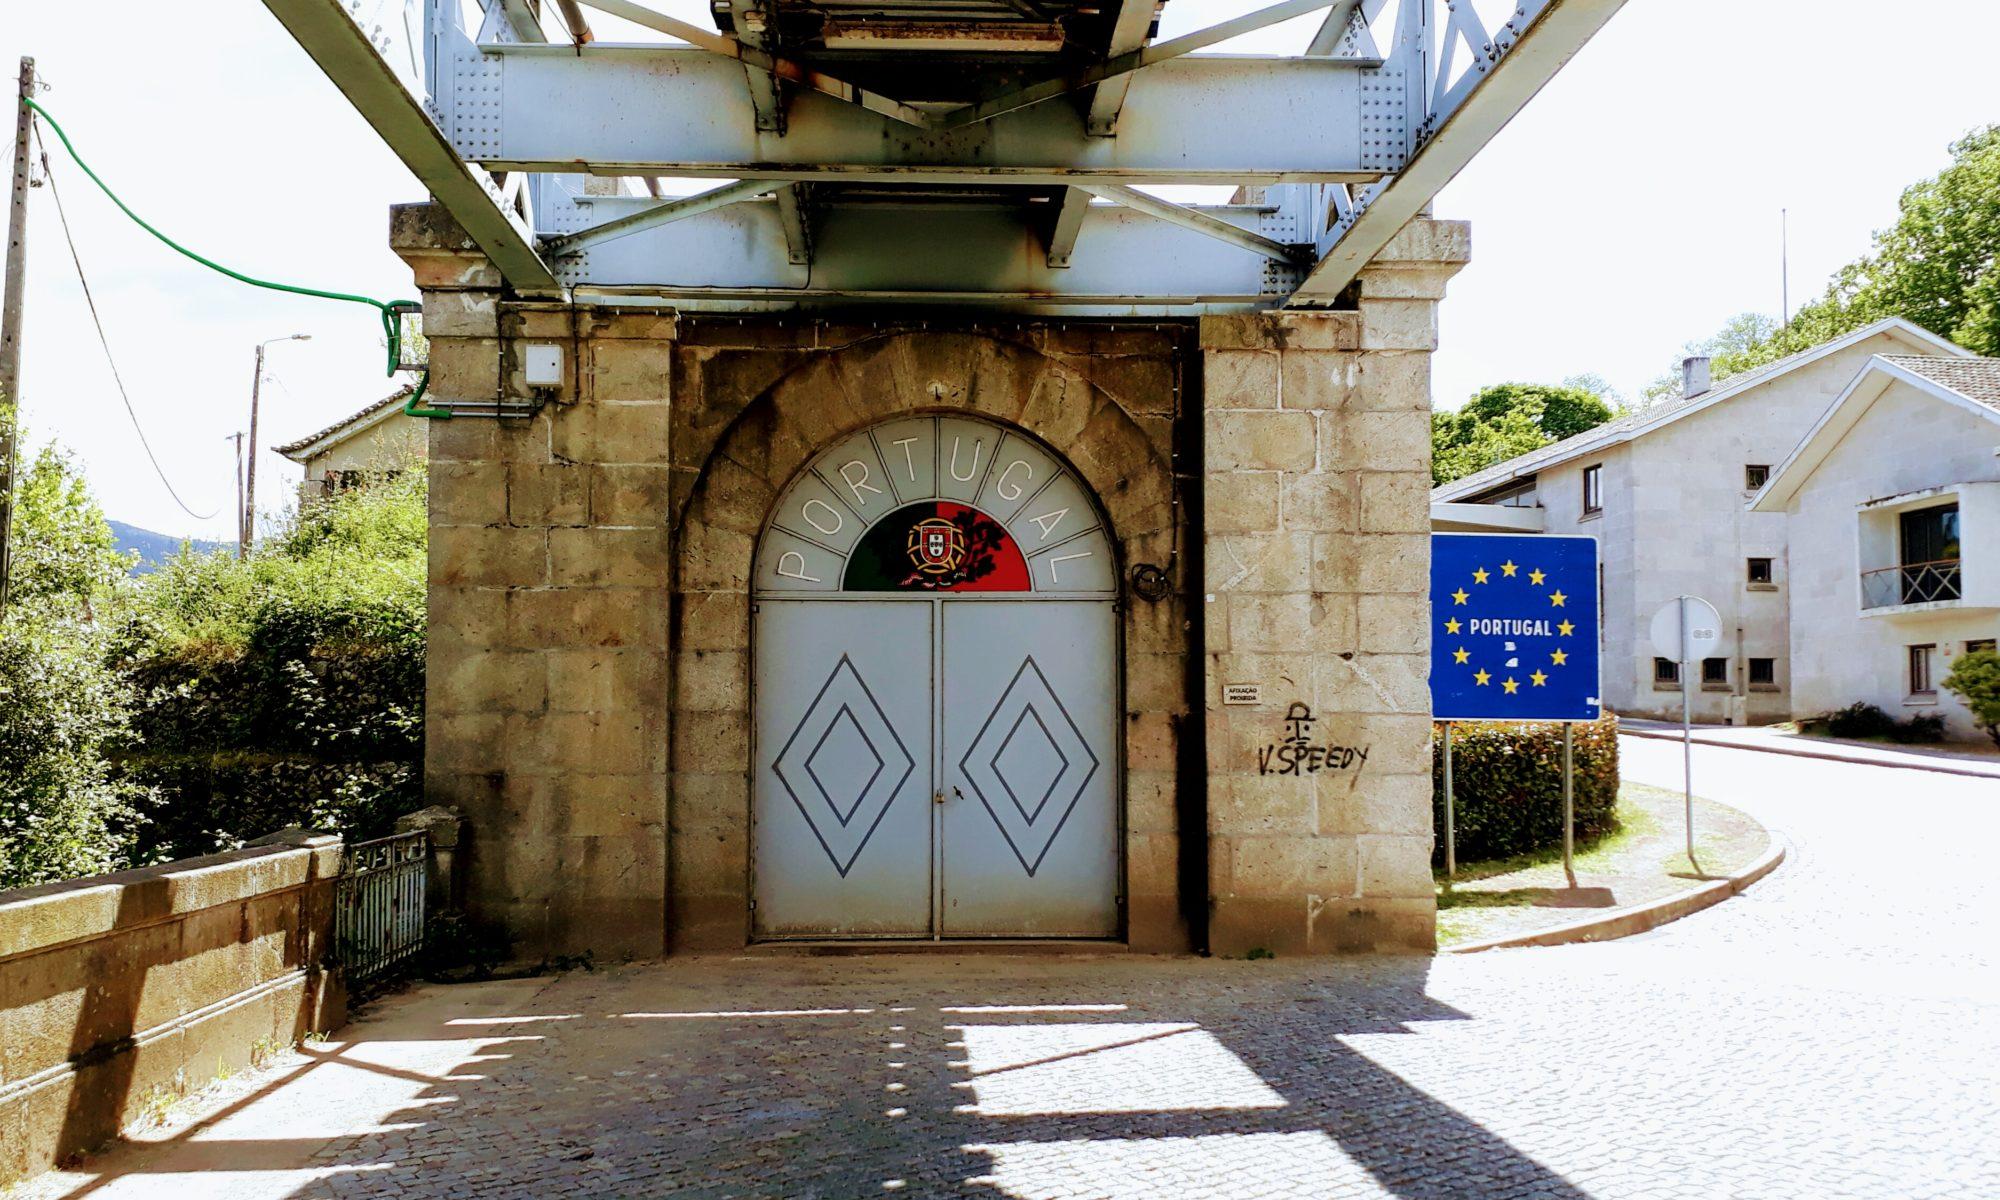 Portugiesische Seite der Ponte Internacional Valença-Tui